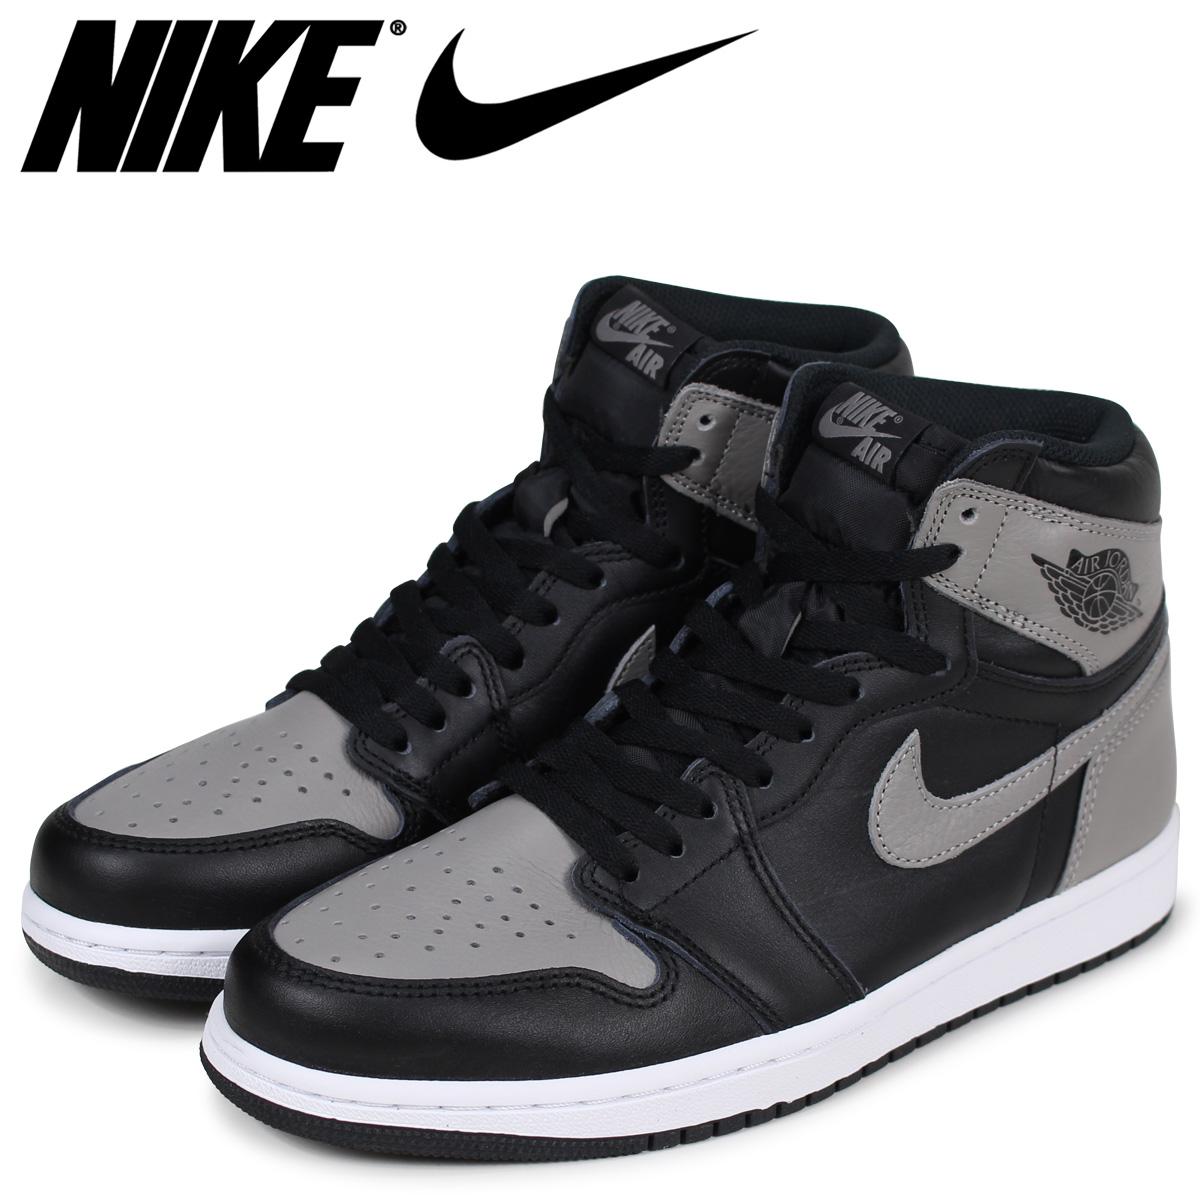 NIKE Nike Air Jordan 1 nostalgic high sneakers men AIR JORDAN 1 RETRO HIGH  OG SHADOW 555,088-013 gray